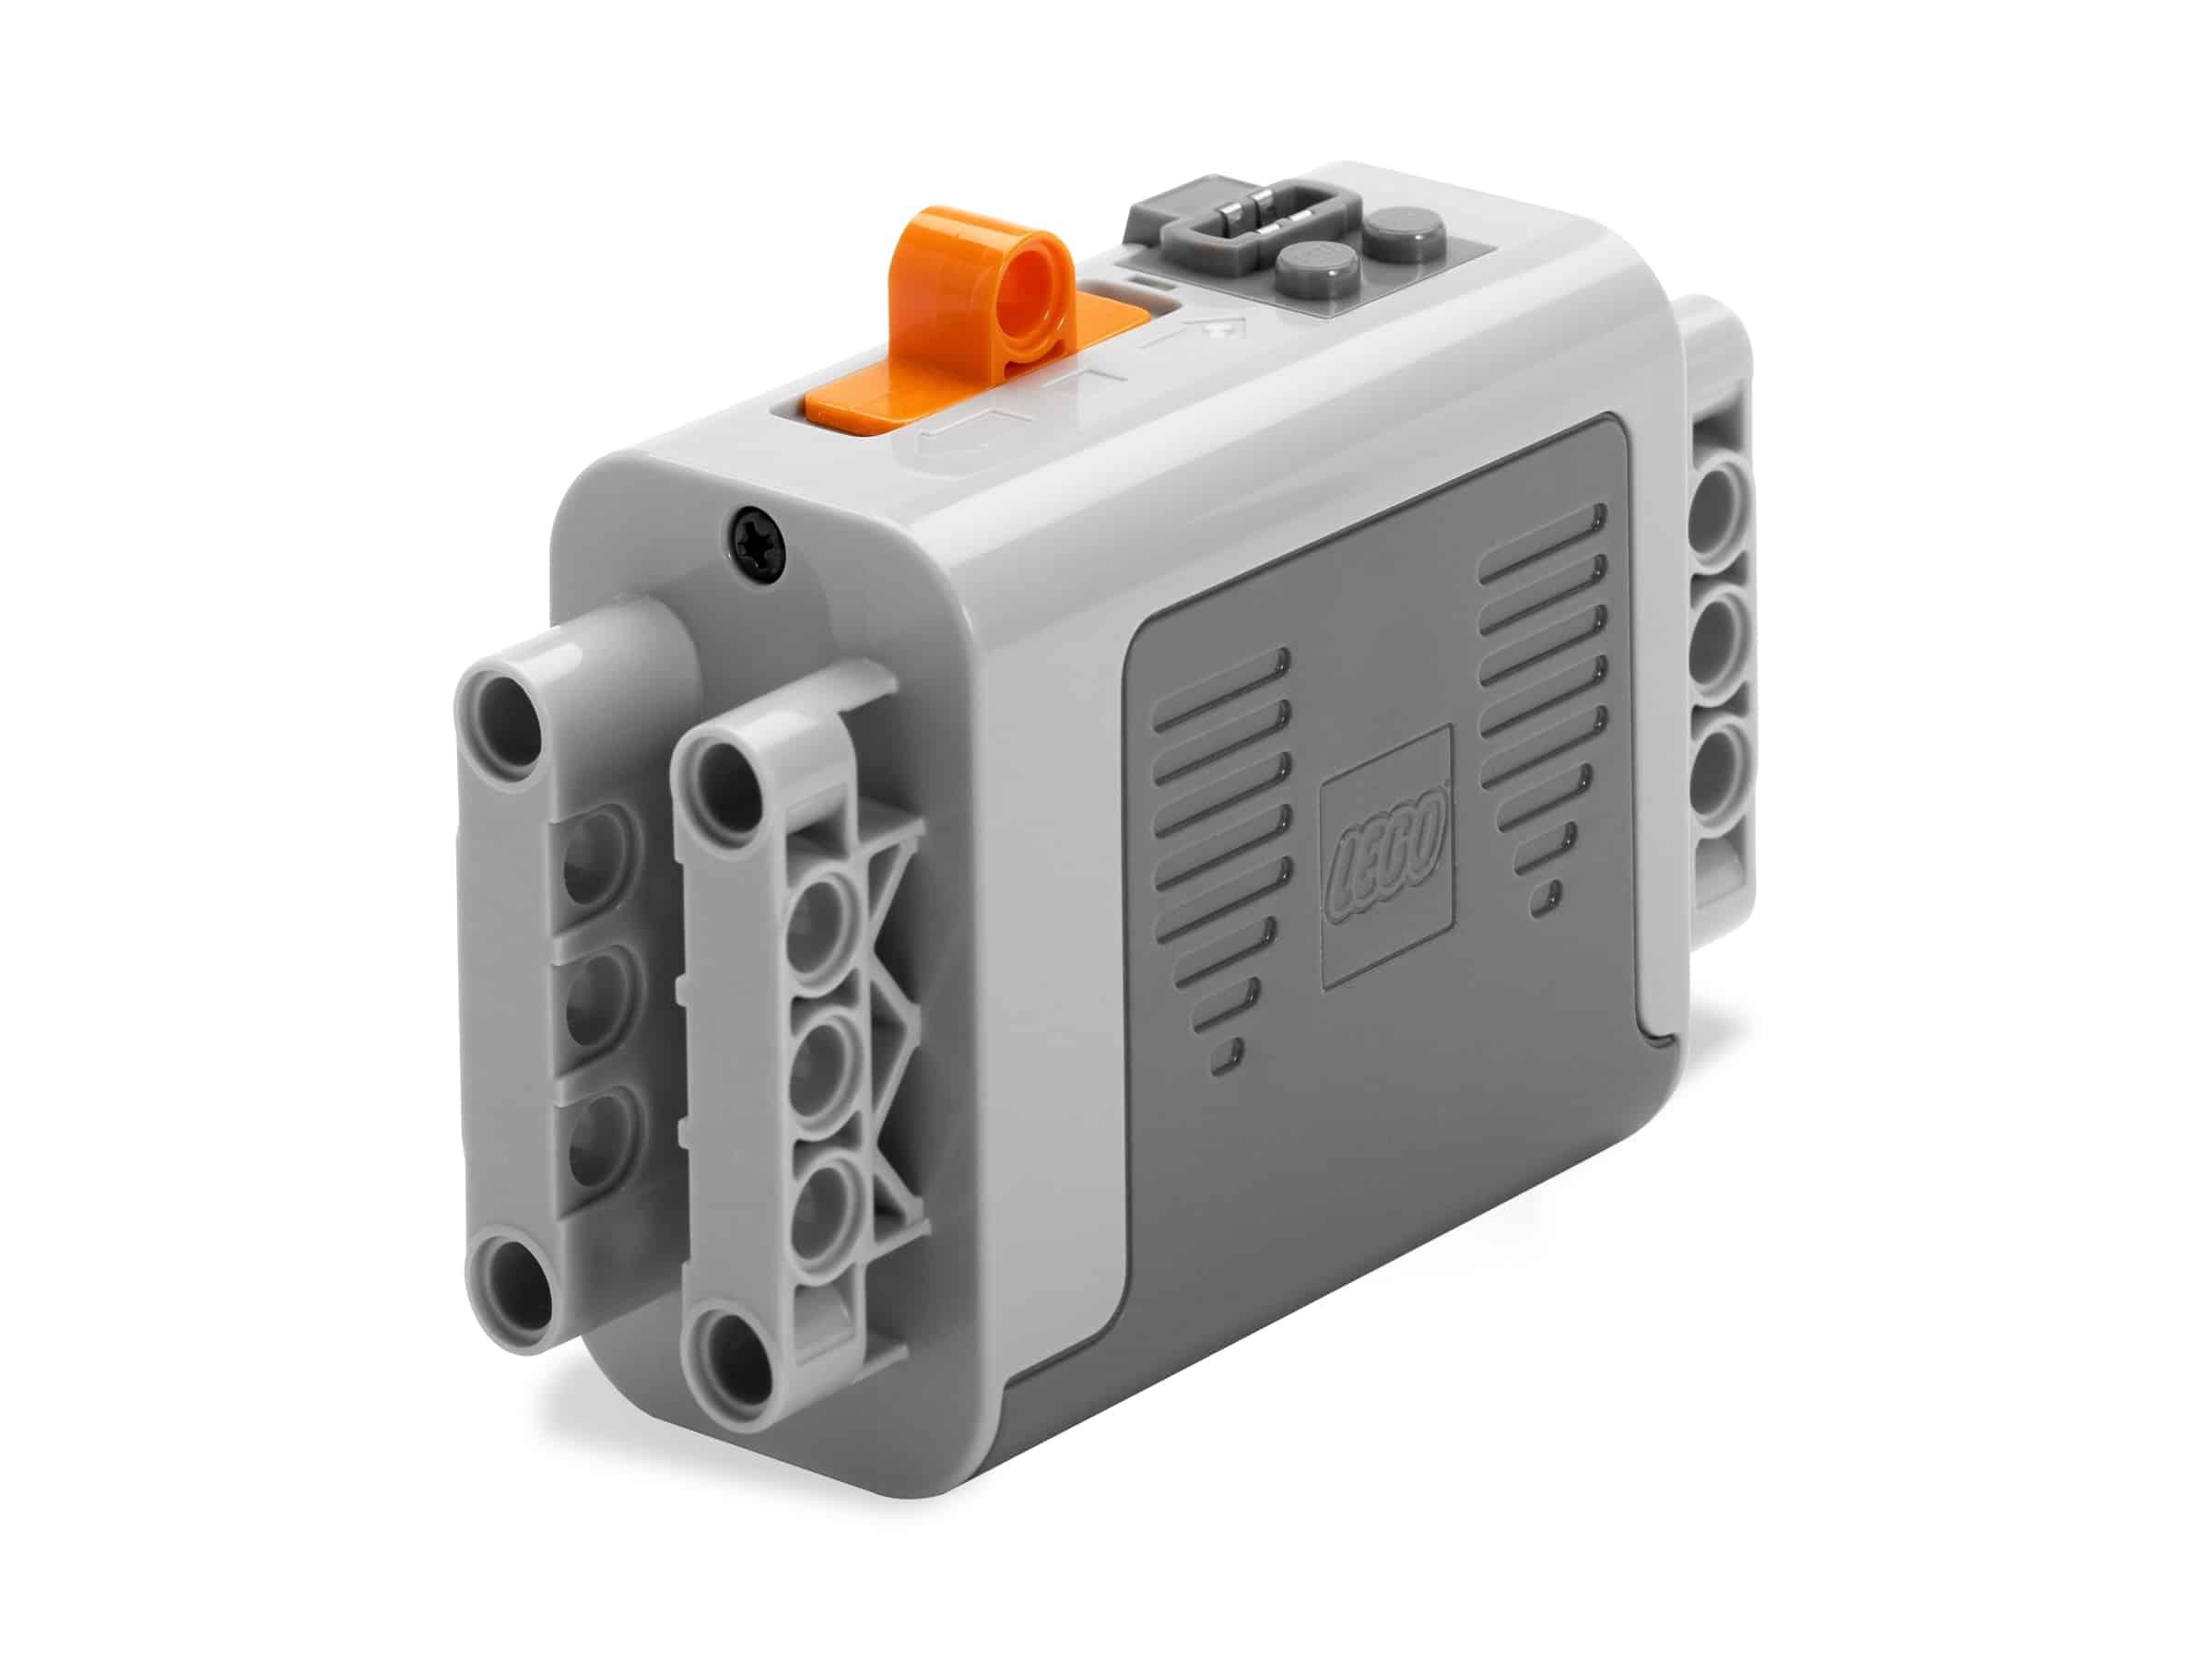 lego 8881 schowek na baterie do silnika power functions